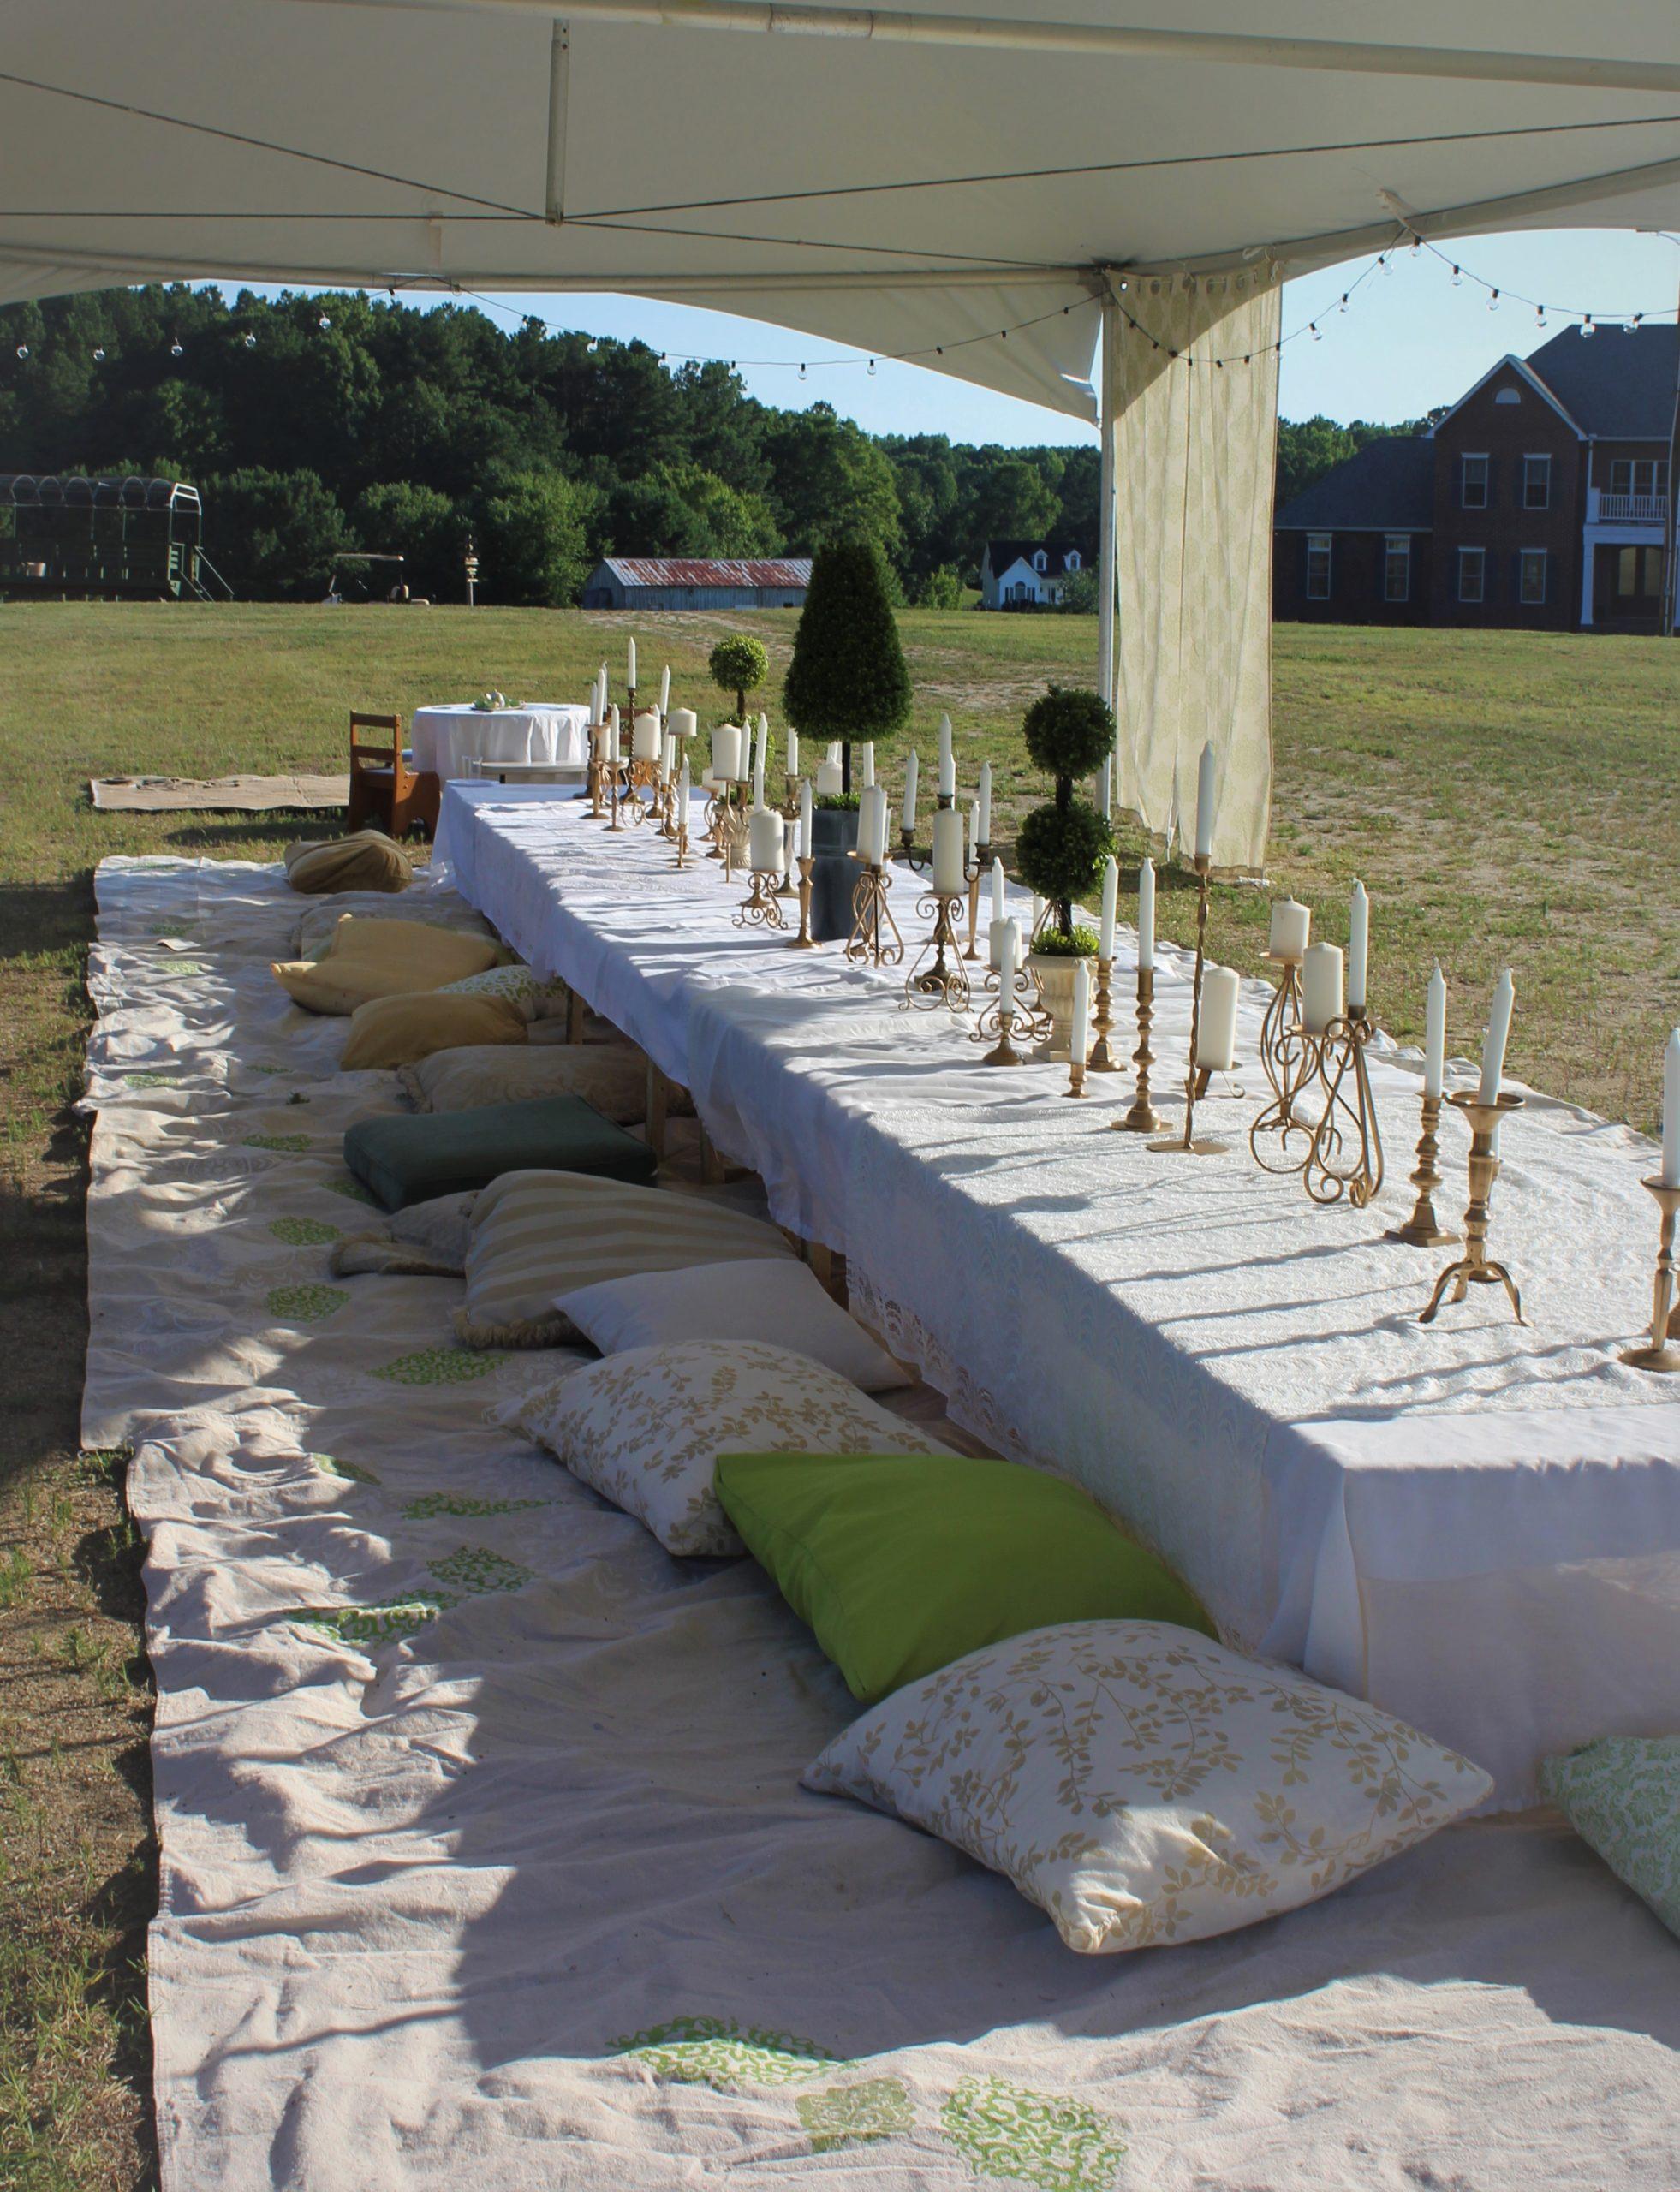 An Elegant Lawn Party Wedding Reception